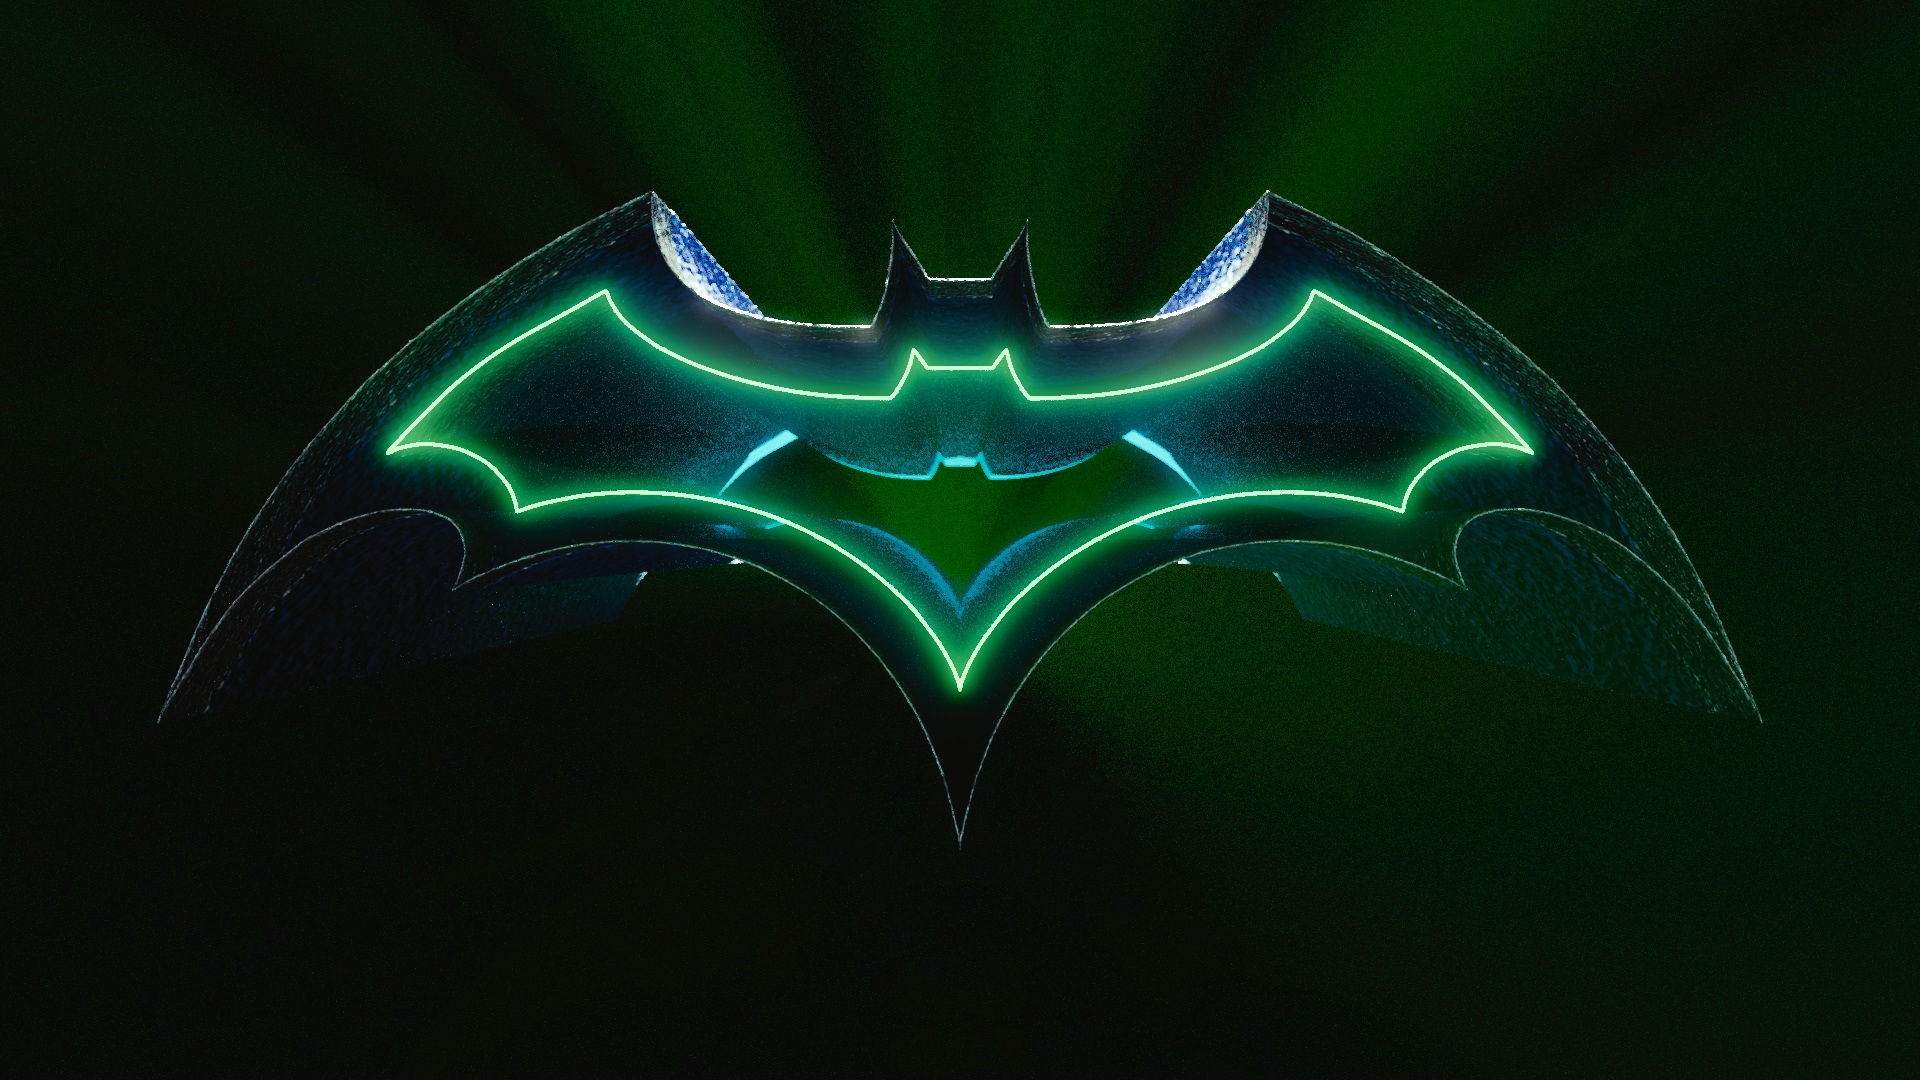 Batman, symbole, logo, 3stán, super-héros, bat - Fonds d'écran HD - Professor-falken.com